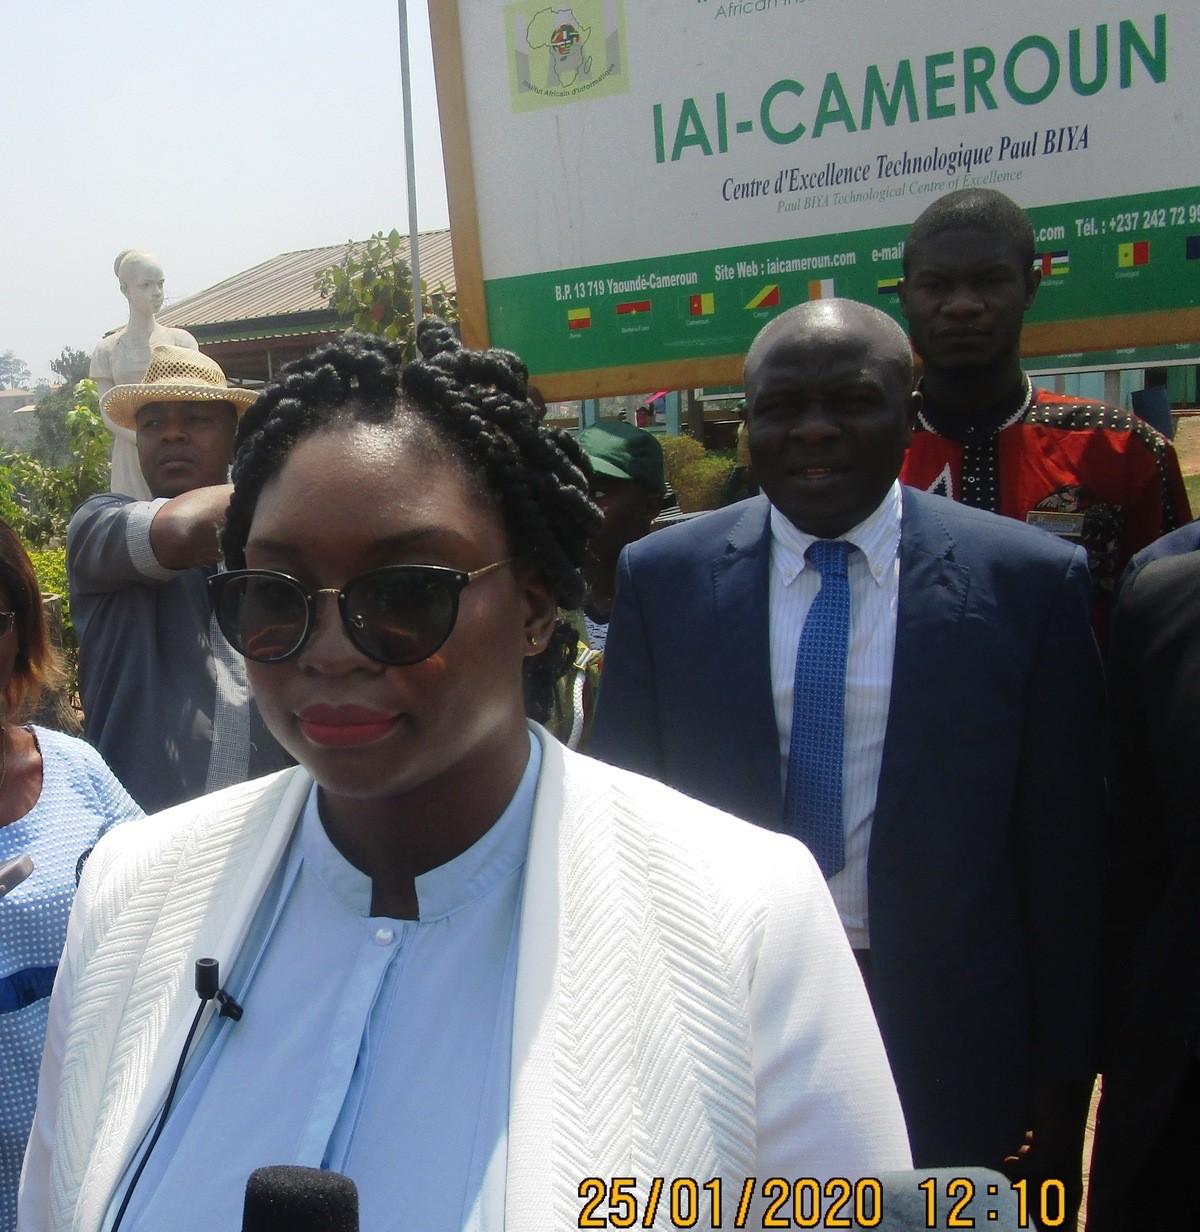 ''Pour développer le Cameroun, il faut des entrepreneurs, mieux des créateurs de richesses'', prône Éméline Atsena, la promotrice de Viscal Conseils.